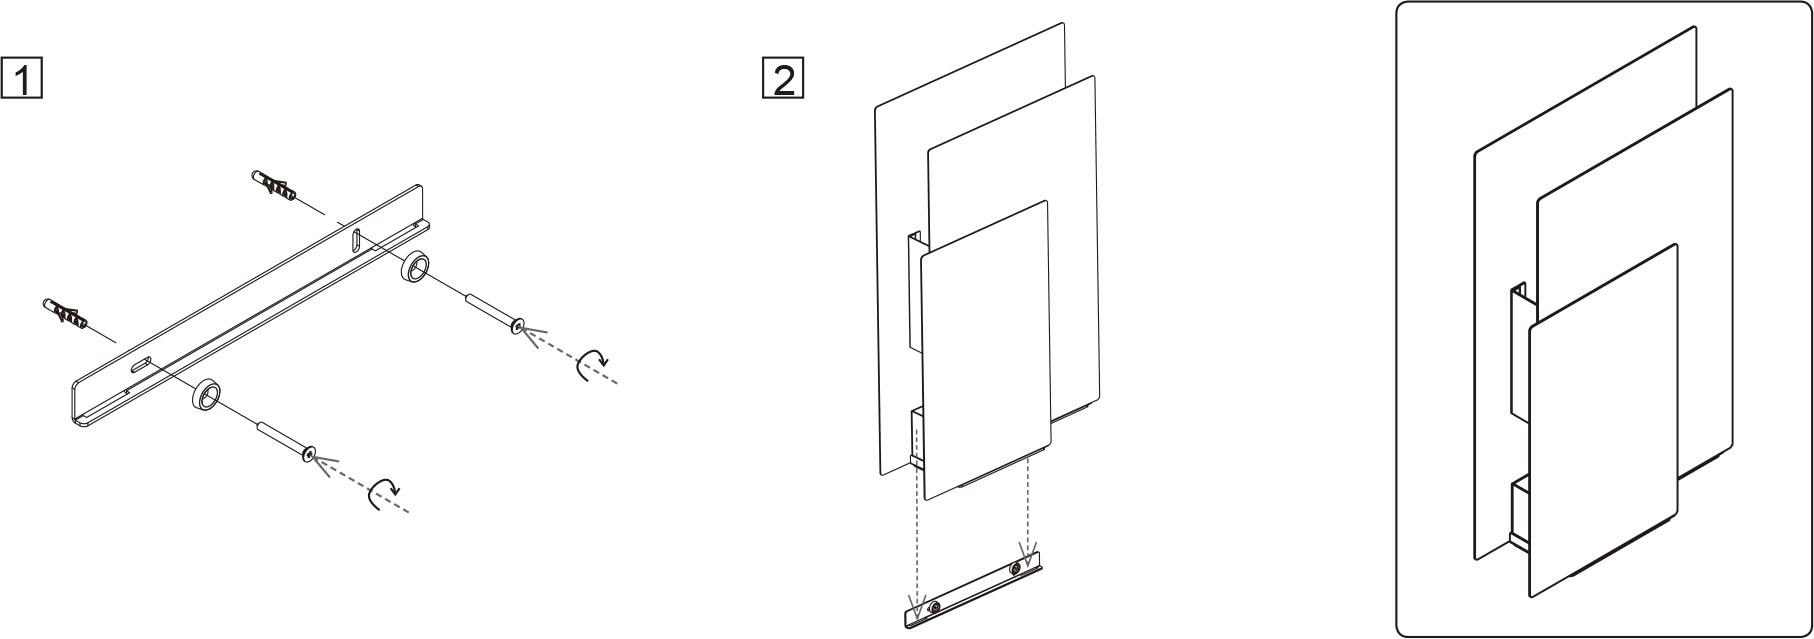 Instrucciones de montaje a pared paragüero Sou